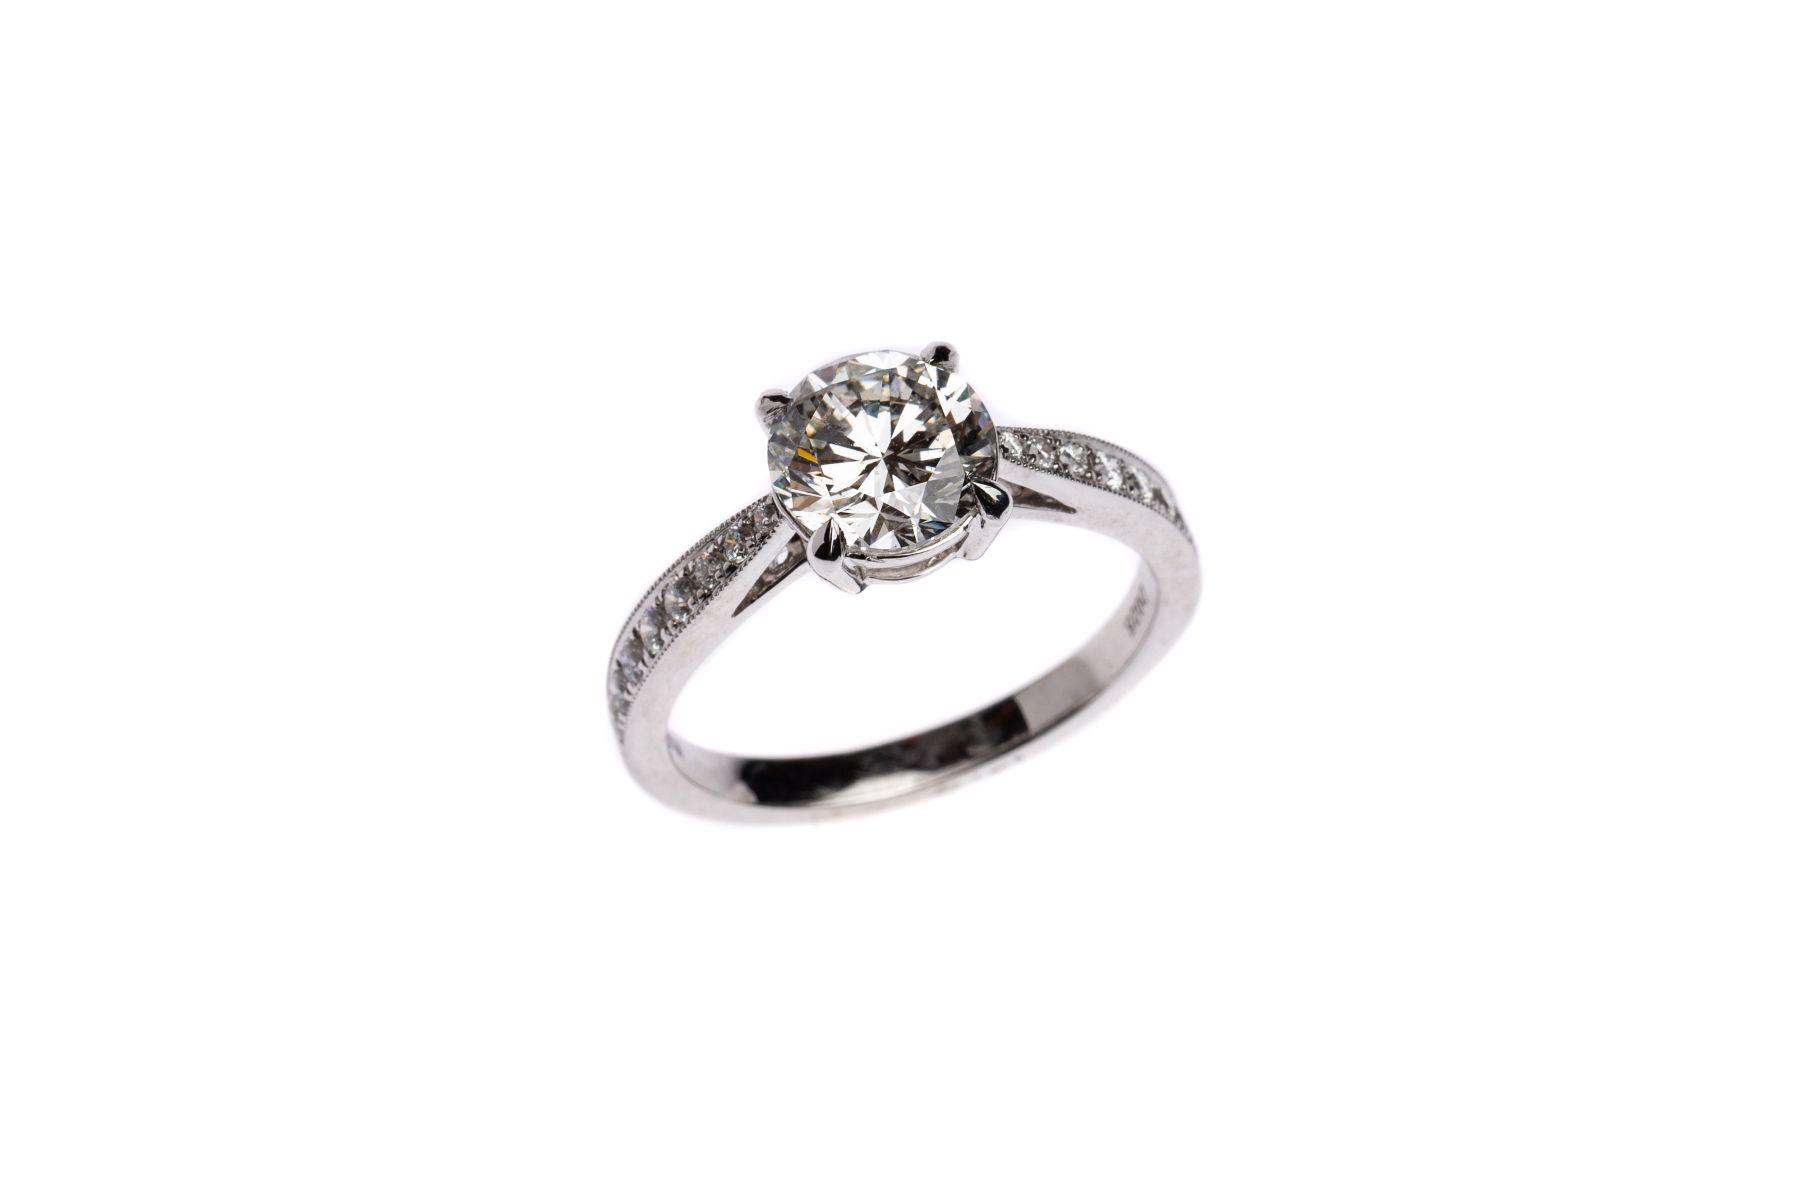 #201 Ring | Ring Image